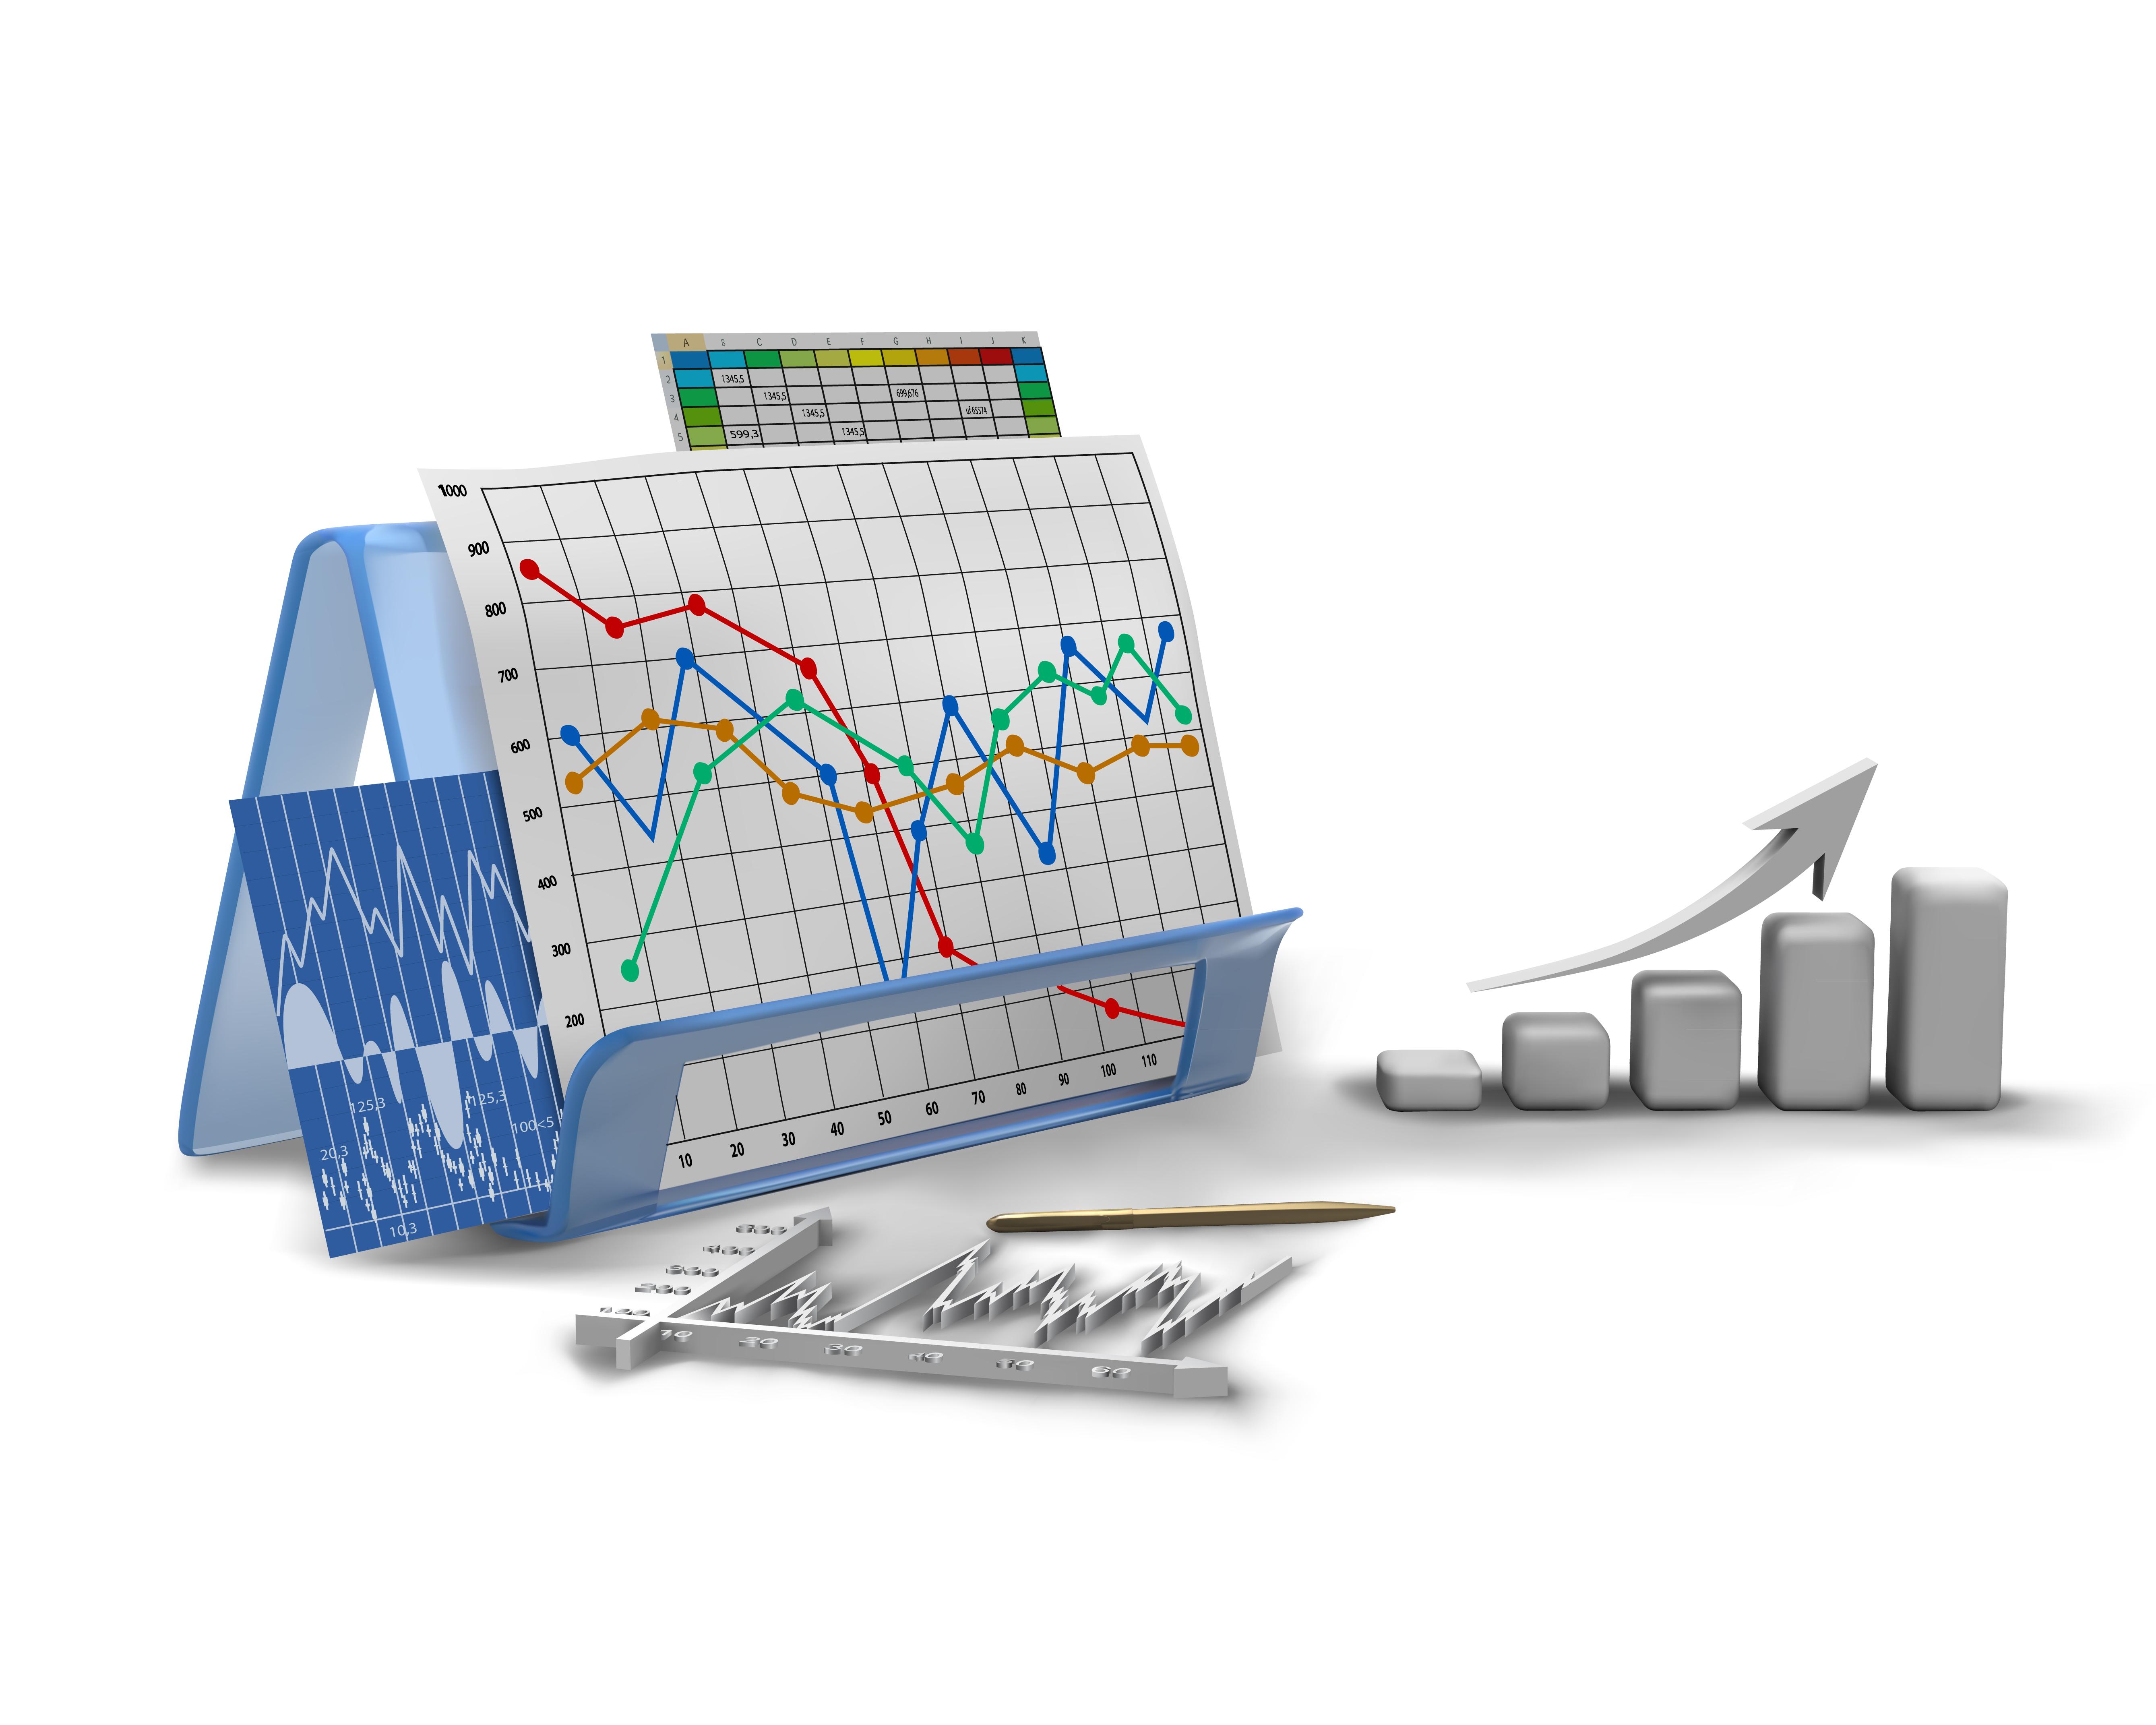 Εικόνα χρηματιστηριακής καχεξίας στο Χ.Α. Πτώση Γεν. Δείκτη με χαμηλές συναλλαγές τη Δευτέρα